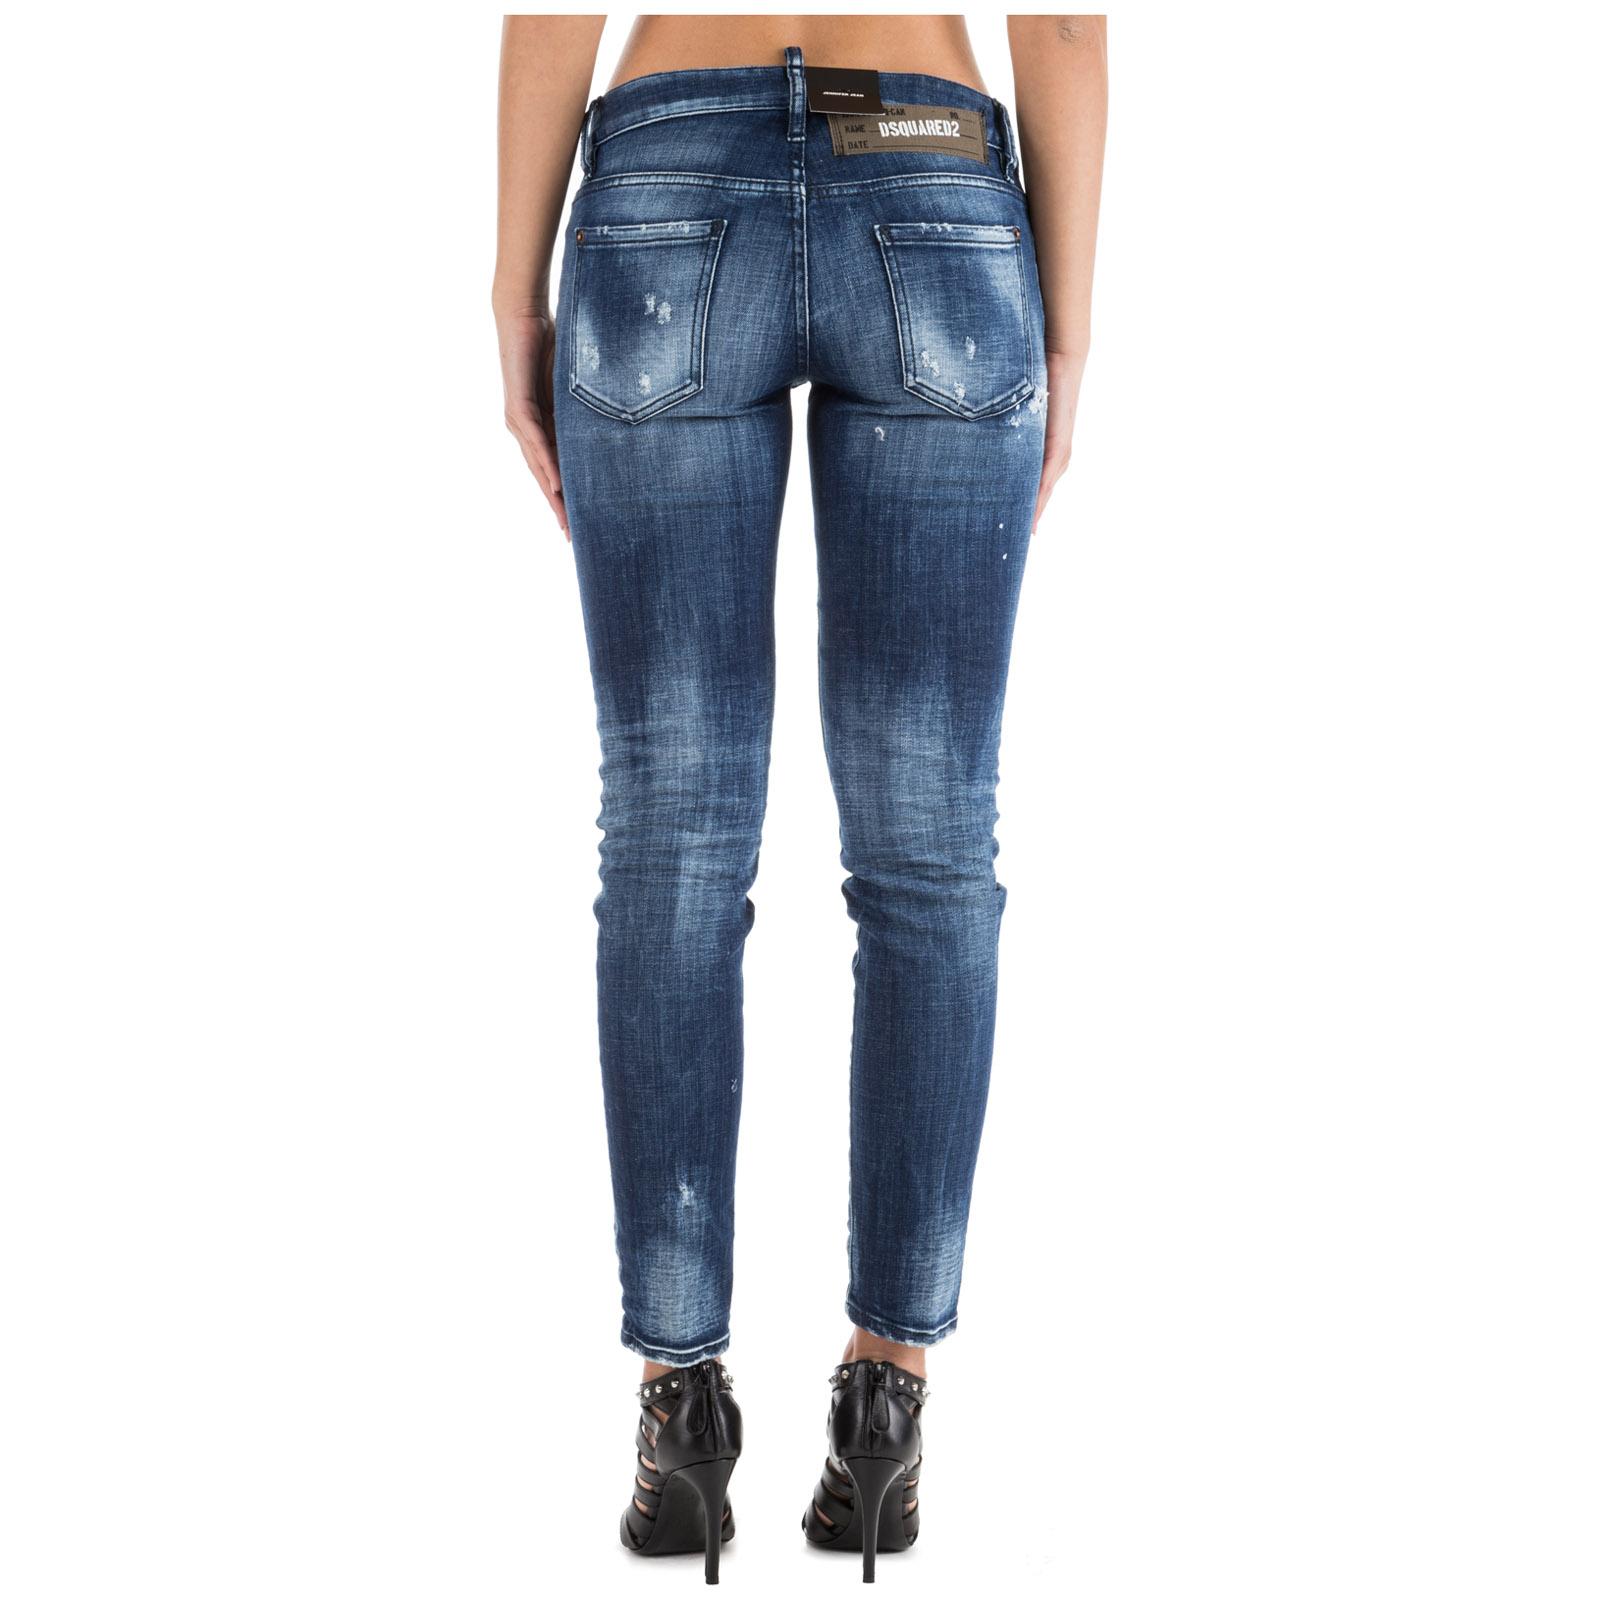 Women's slim fit jeans  jennifer